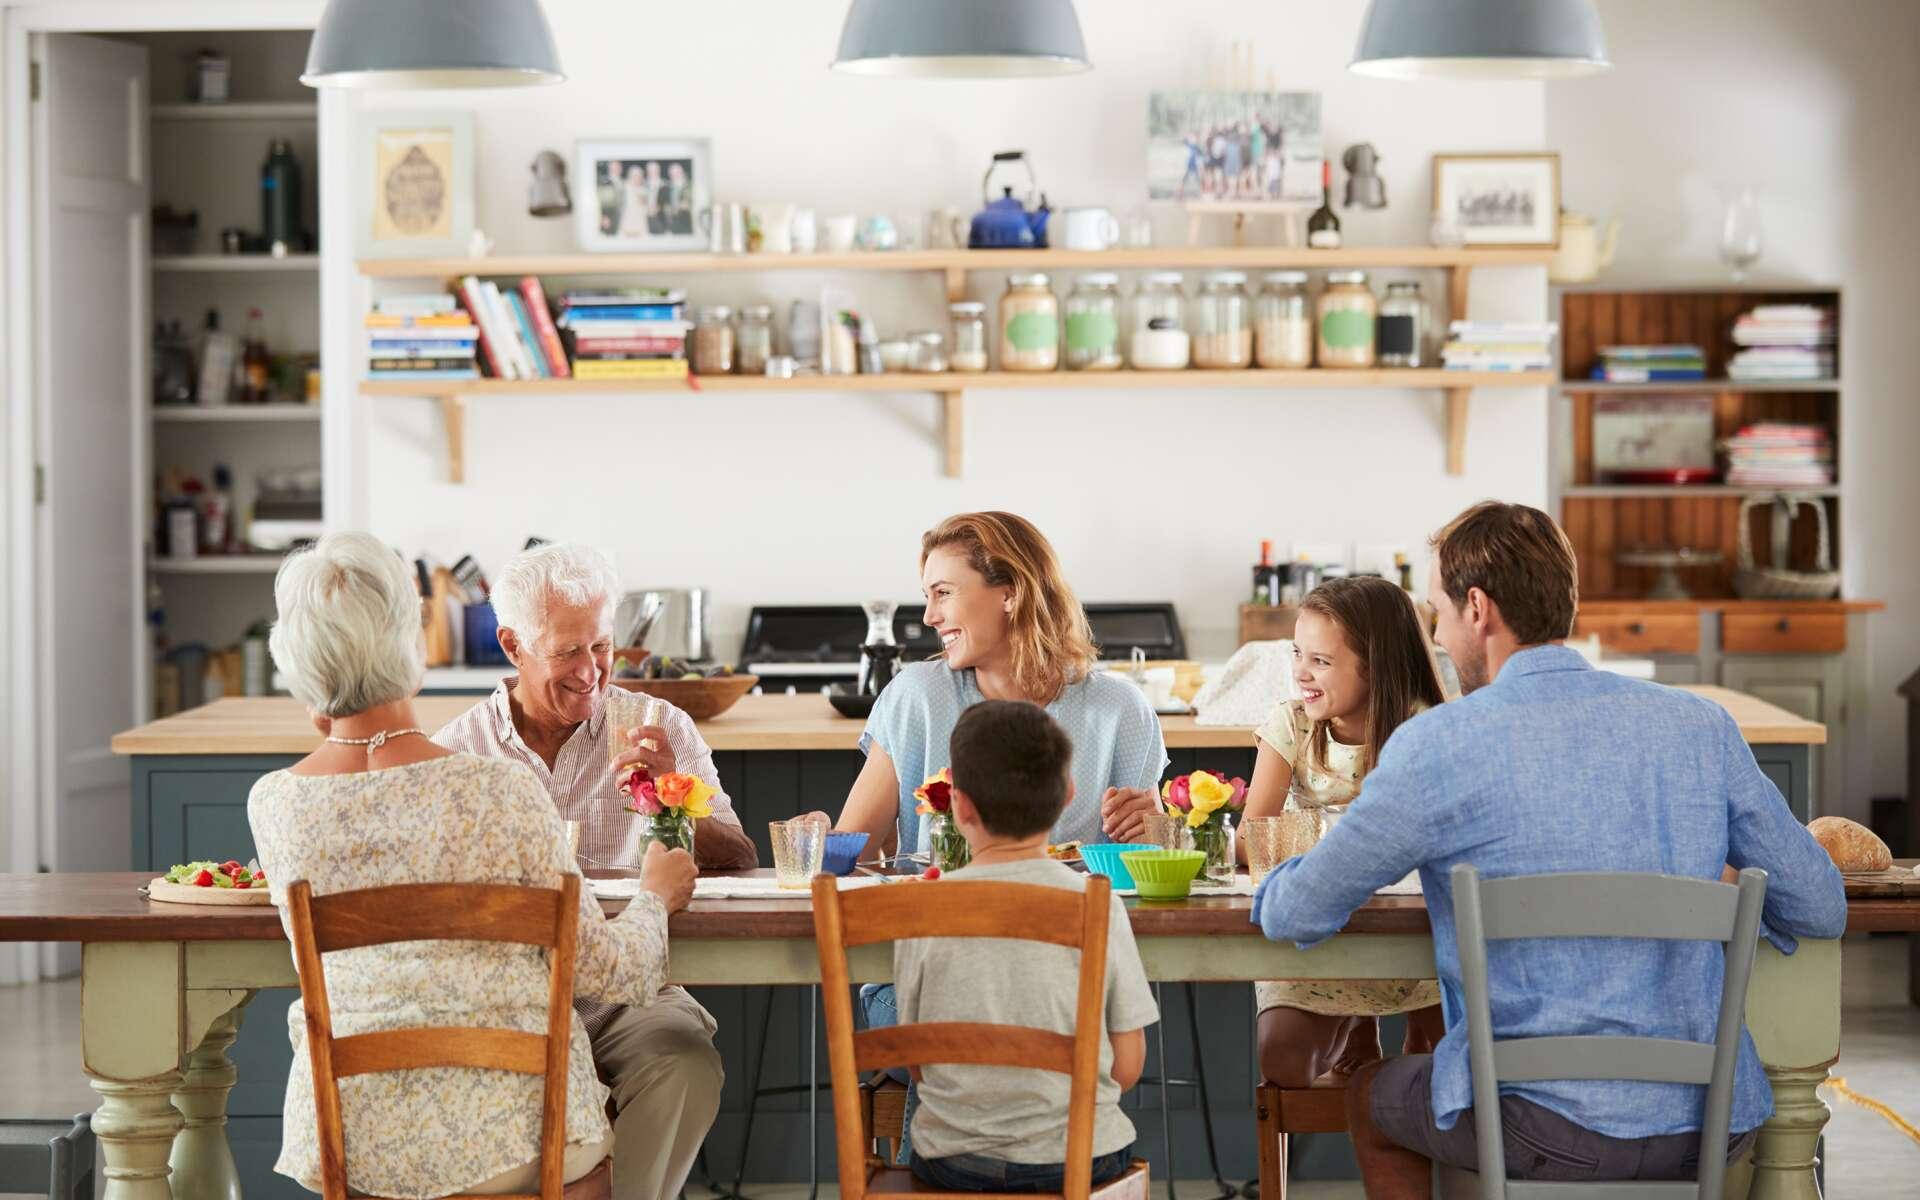 Les malades du Covid-19 contaminent la moitié des membres de leur foyer. © Monkey Business Images, Shutterstock